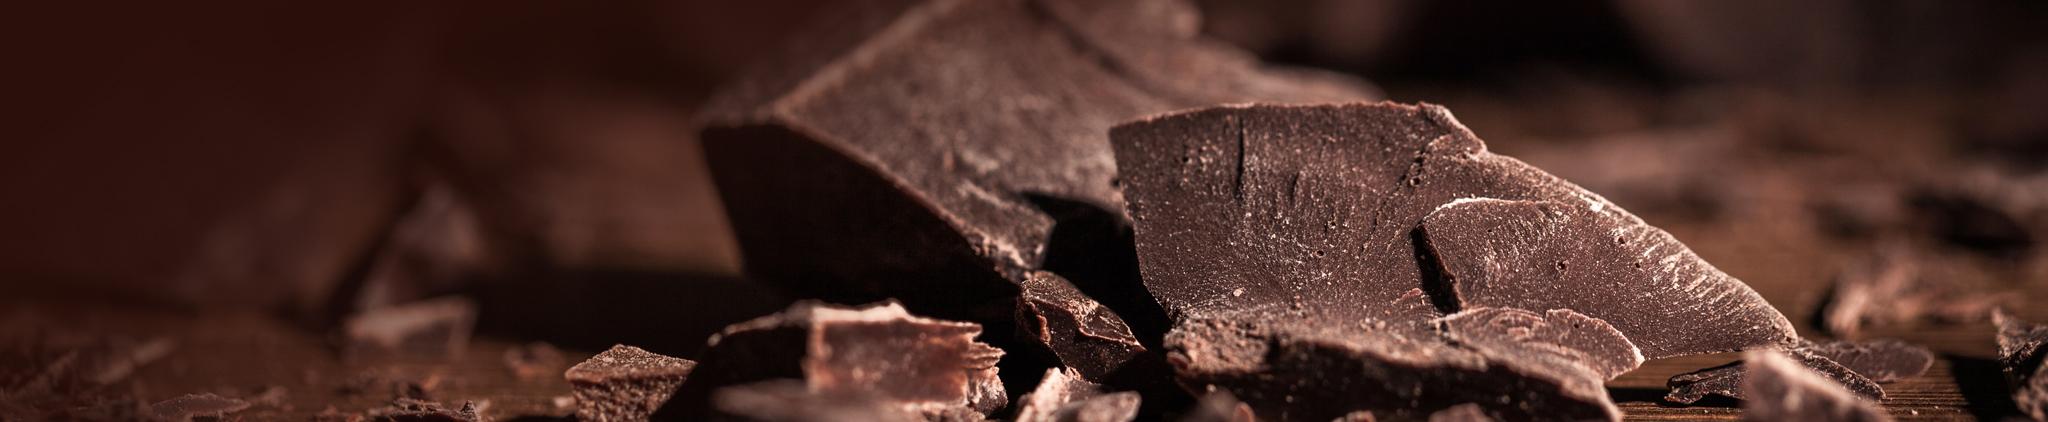 Pourquoi nos chocolats sont les meilleurs